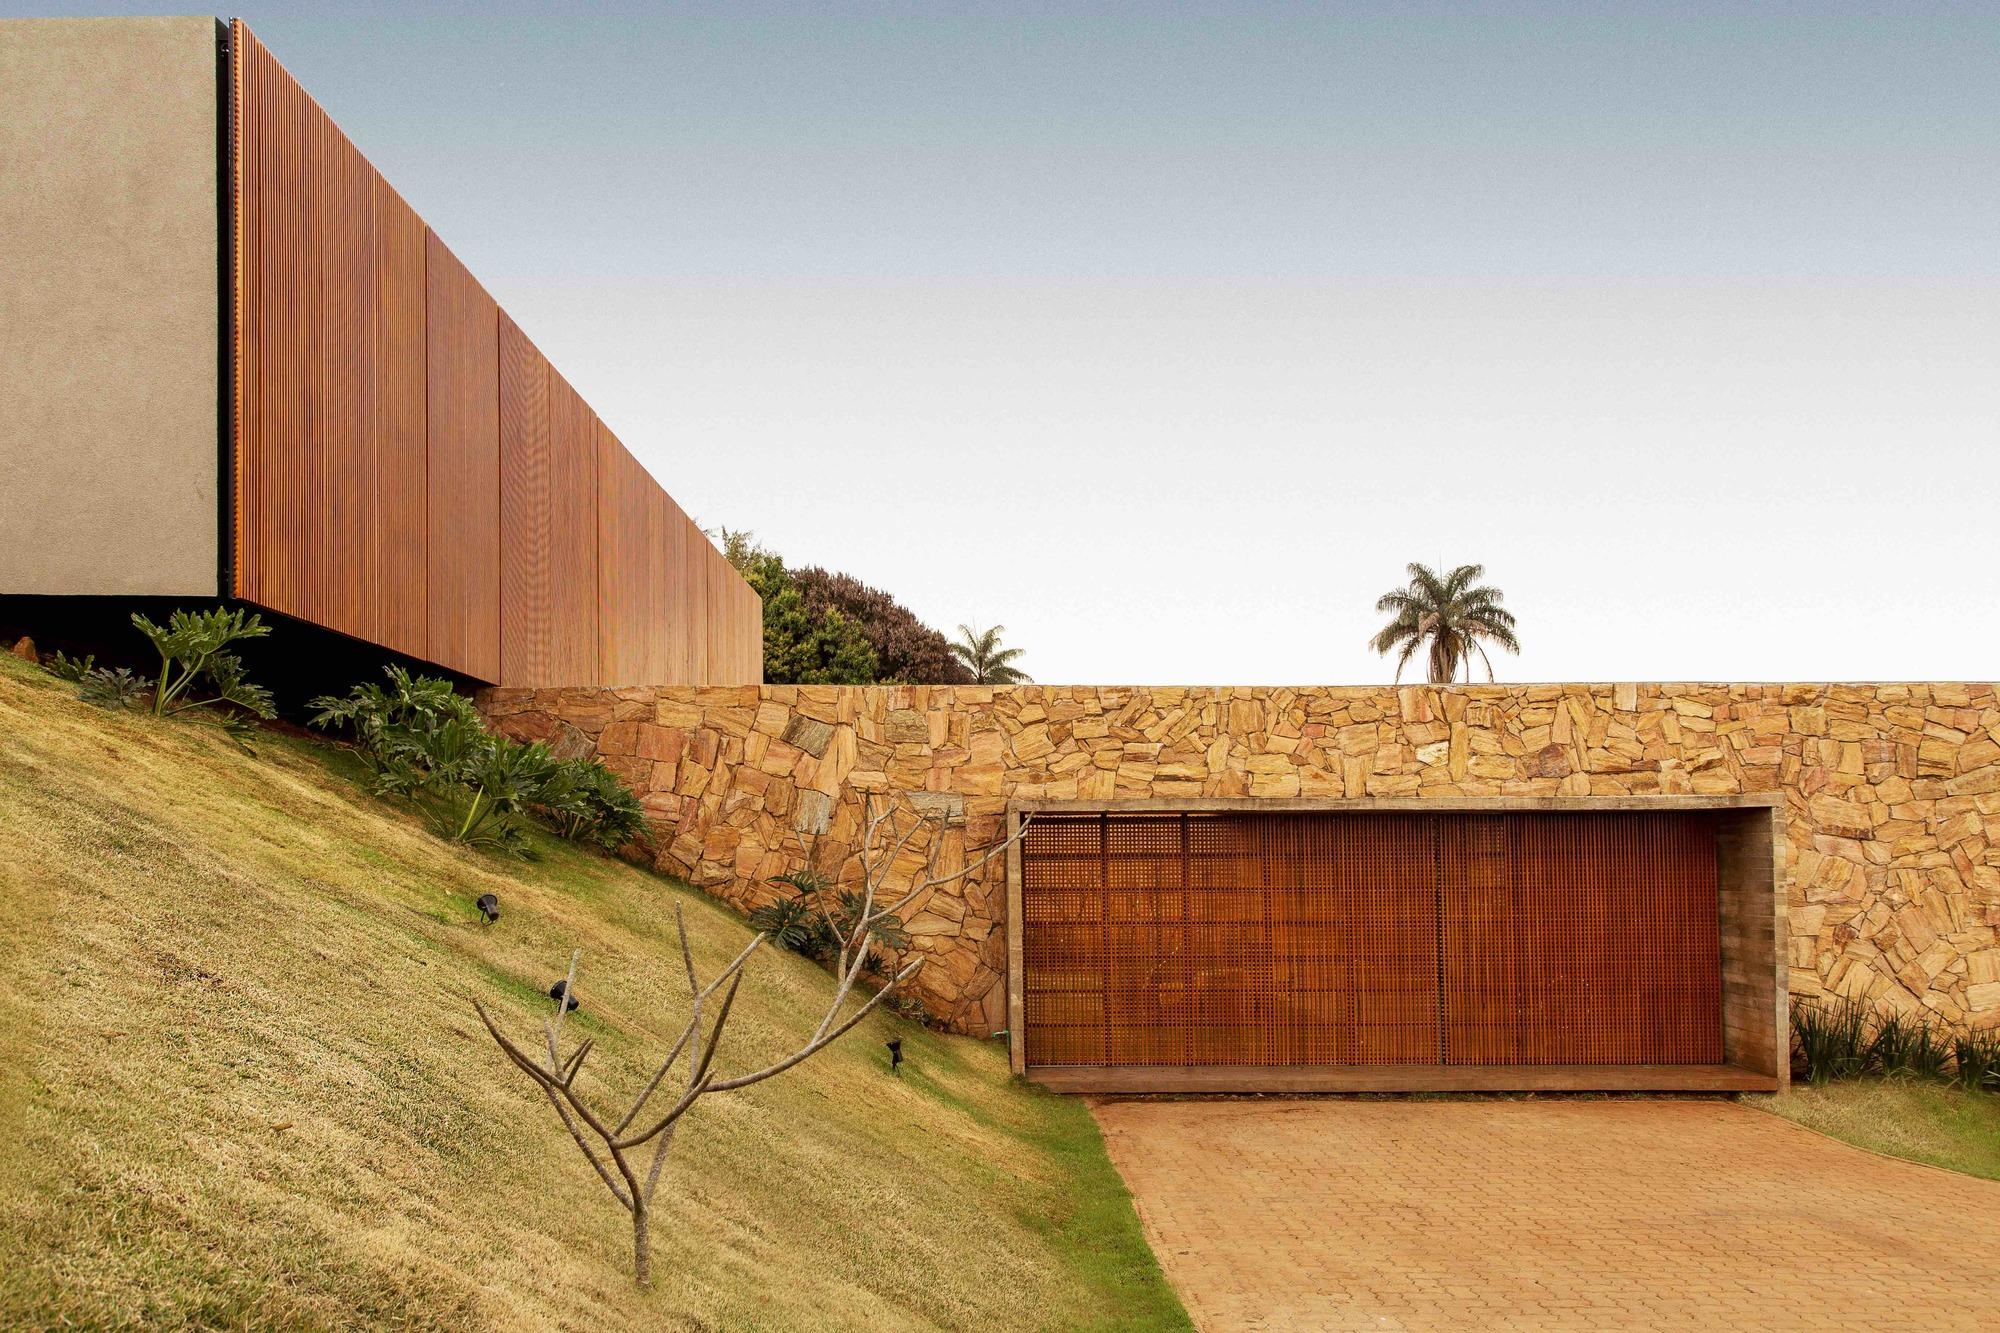 Casa das Pedras / mf+arquitetos